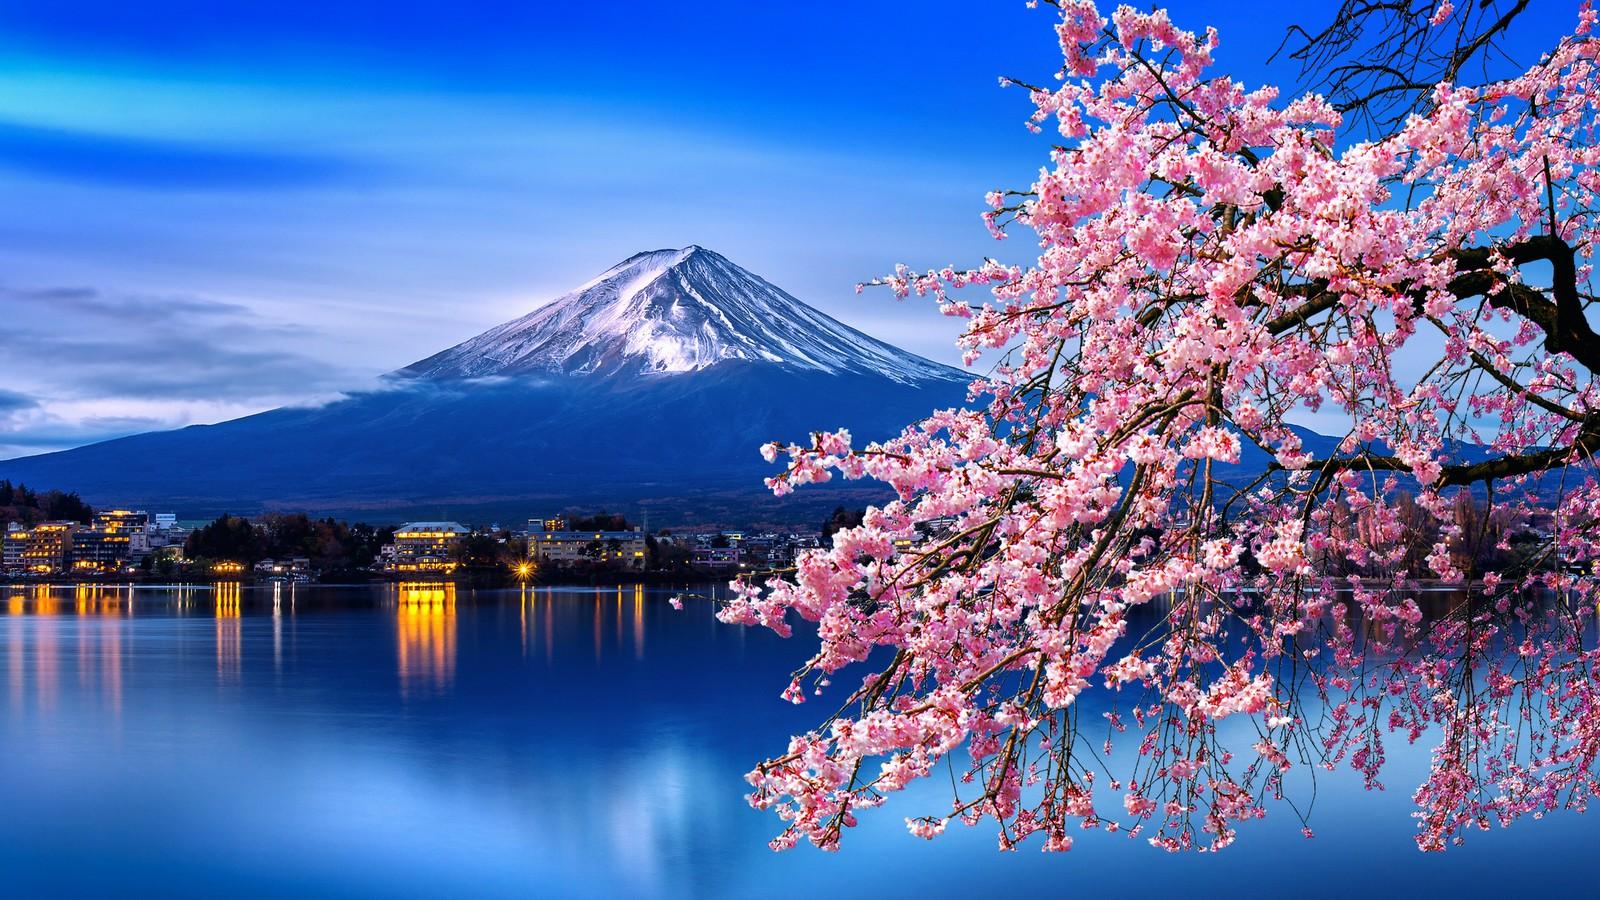 Fuji Berg in Japan